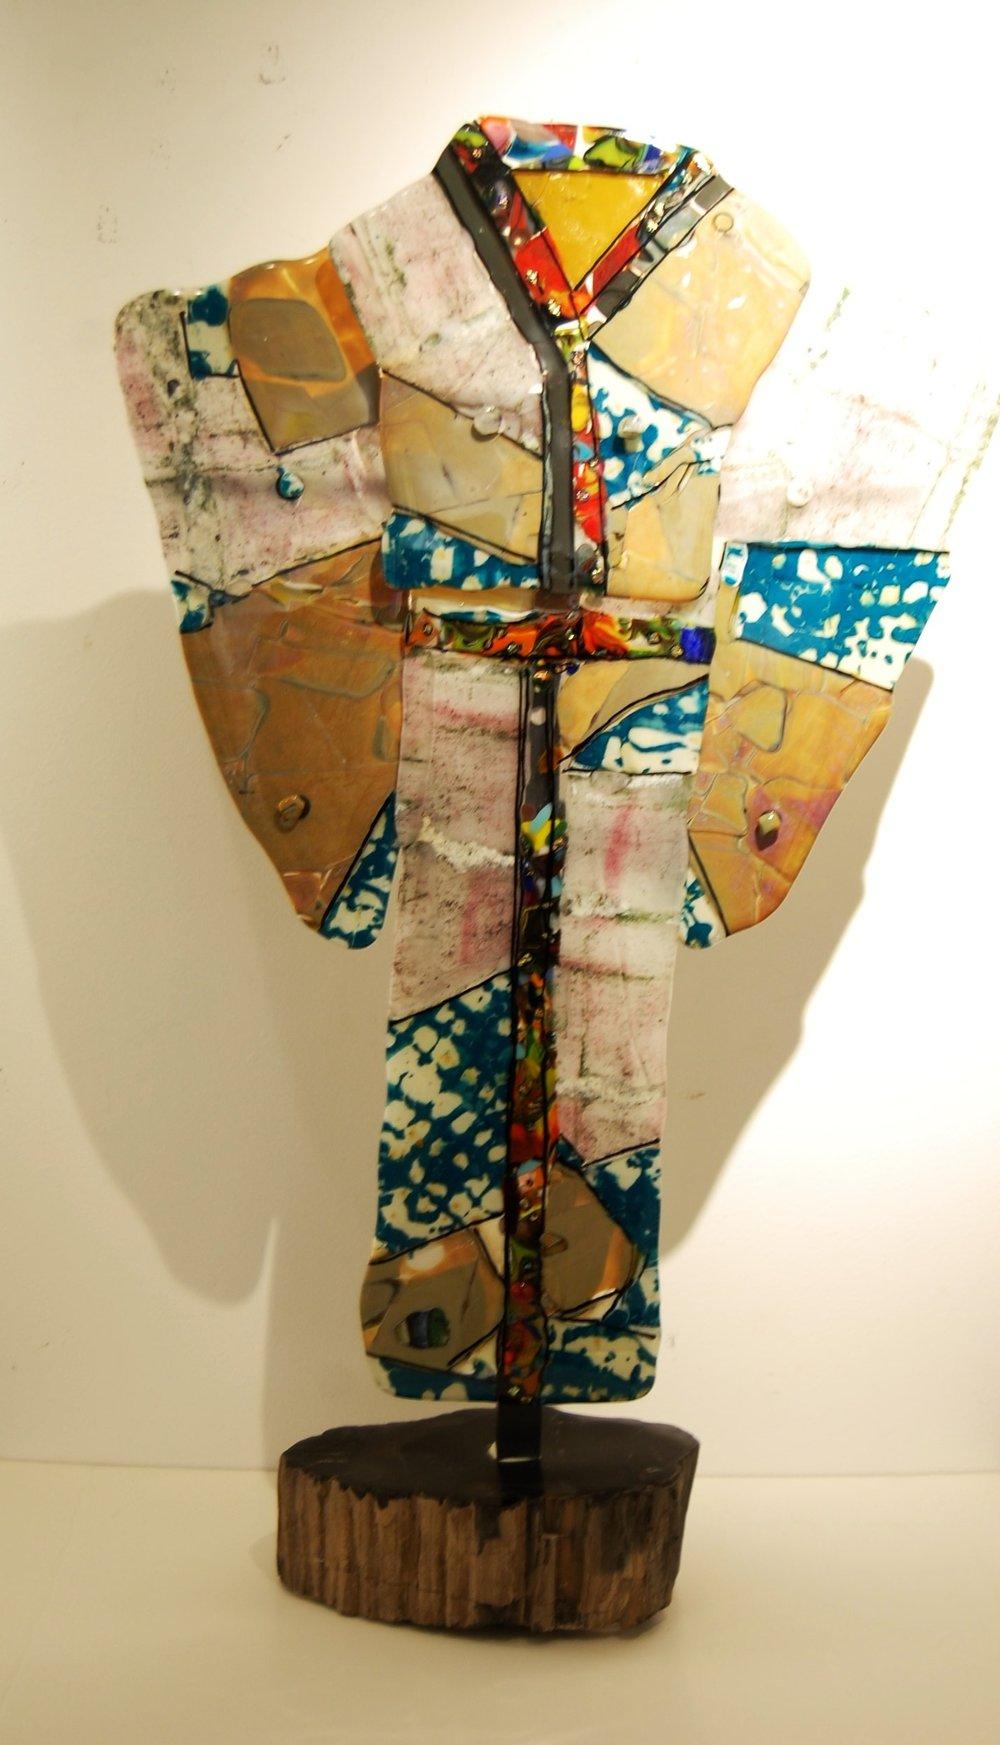 kimono - Alli Luedtke20 x 33 x 8  Fused glass